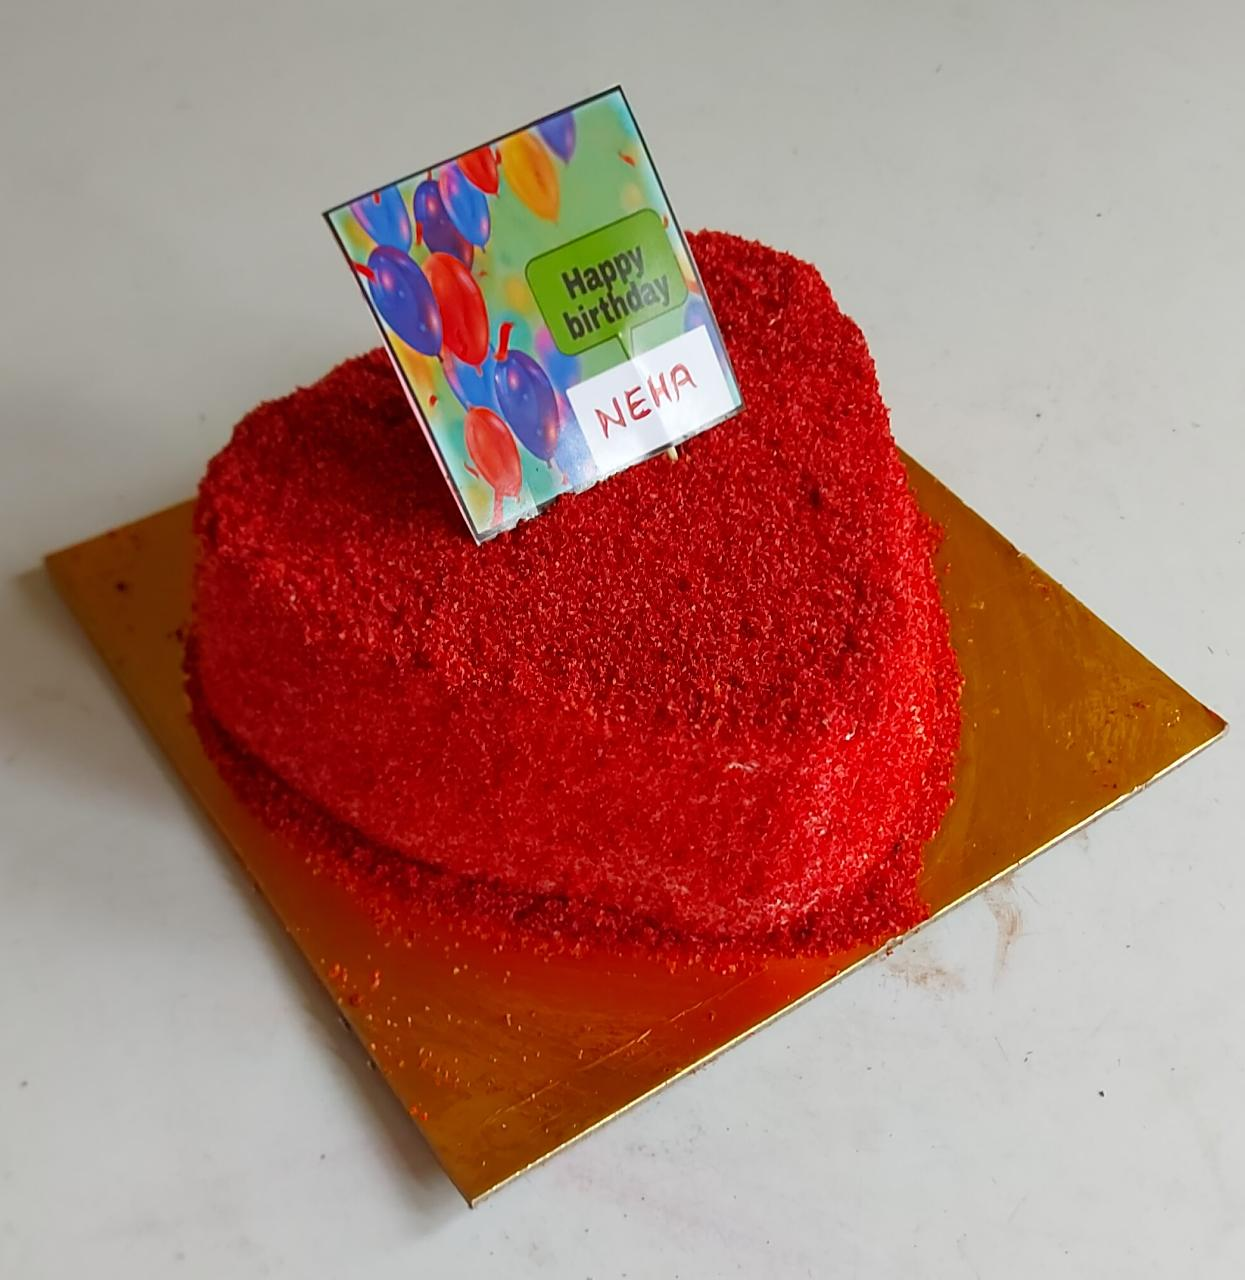 1kg Heart shaped red velvet cake (code:252)